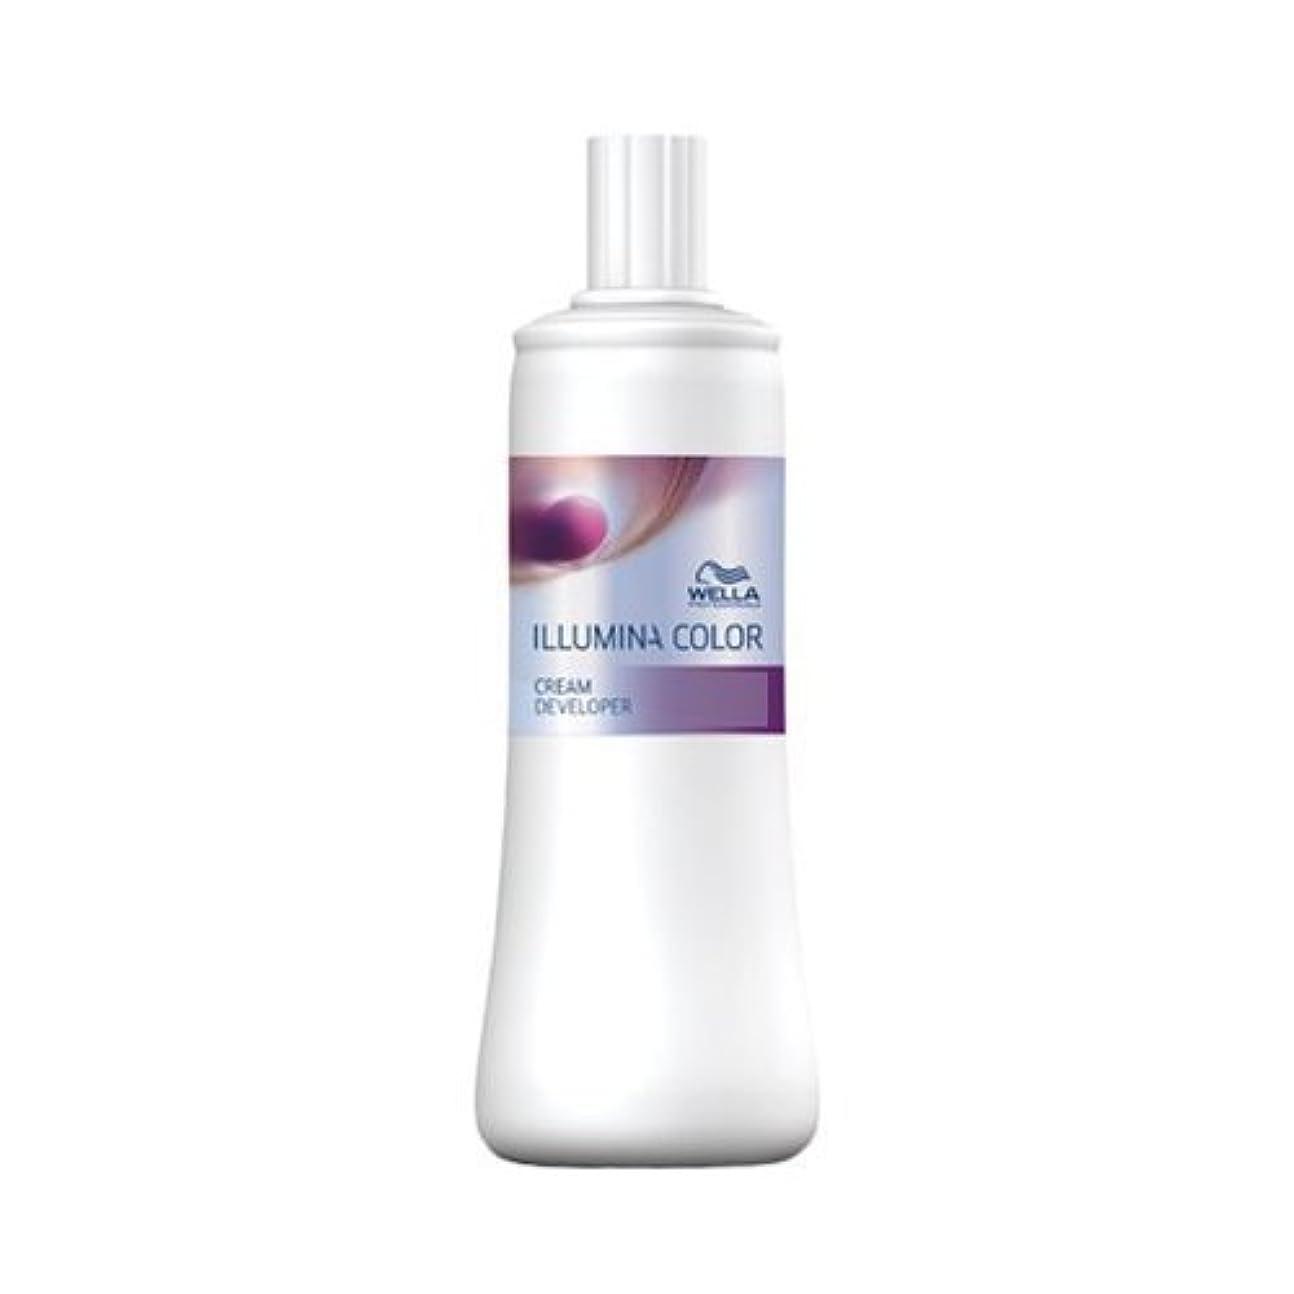 ウルルアフリカ人シチリアウエラ イルミナカラー クリーム ディベロッパー 1.5% 1000ml(2剤)